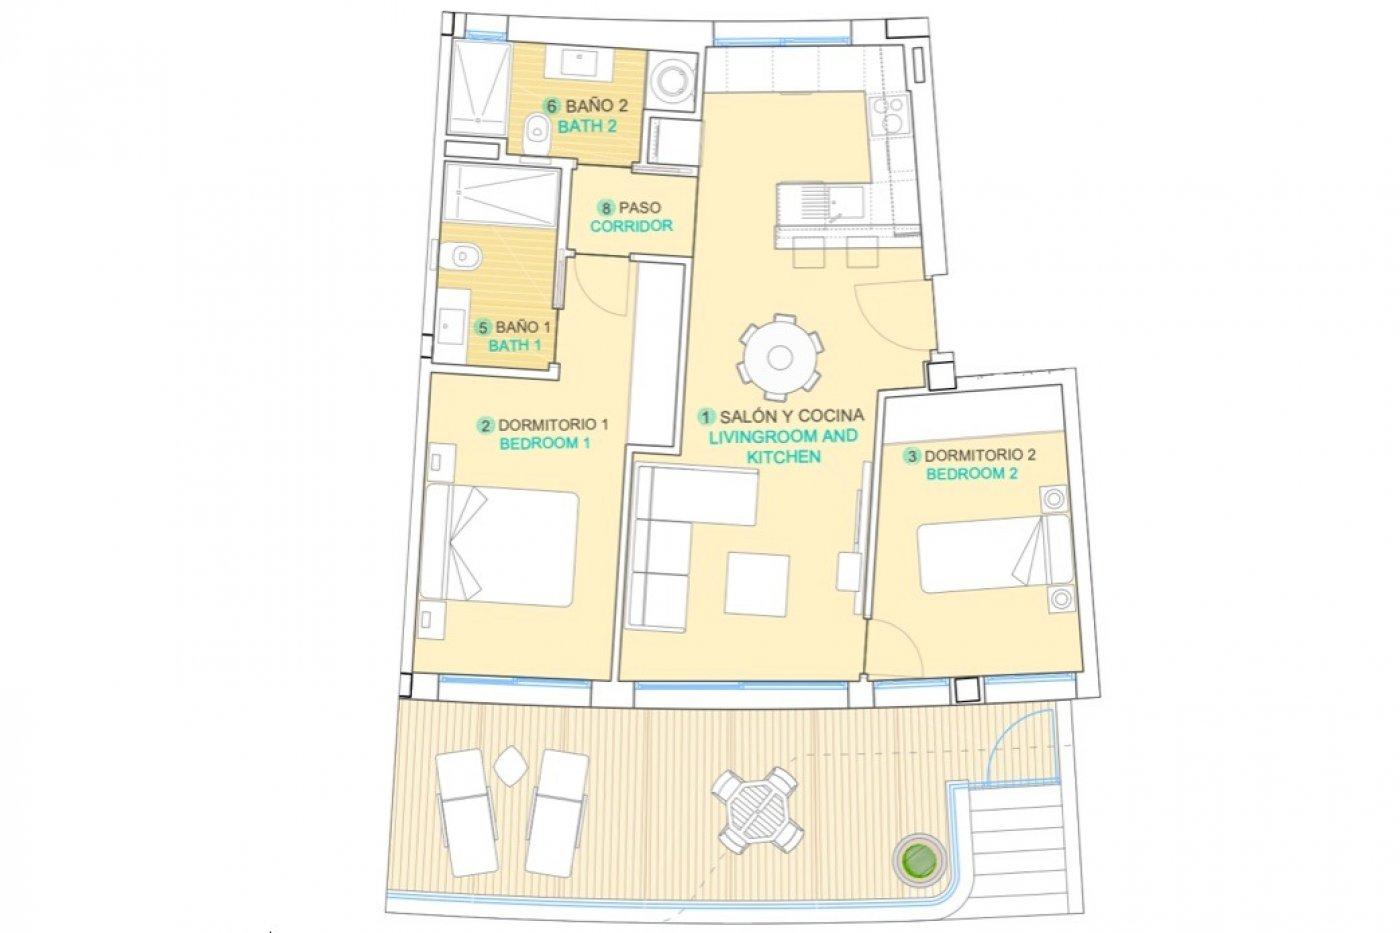 Imagen de la galería 1 of Se Vende Apartamento en Isea Calma, águilas Con Piscina